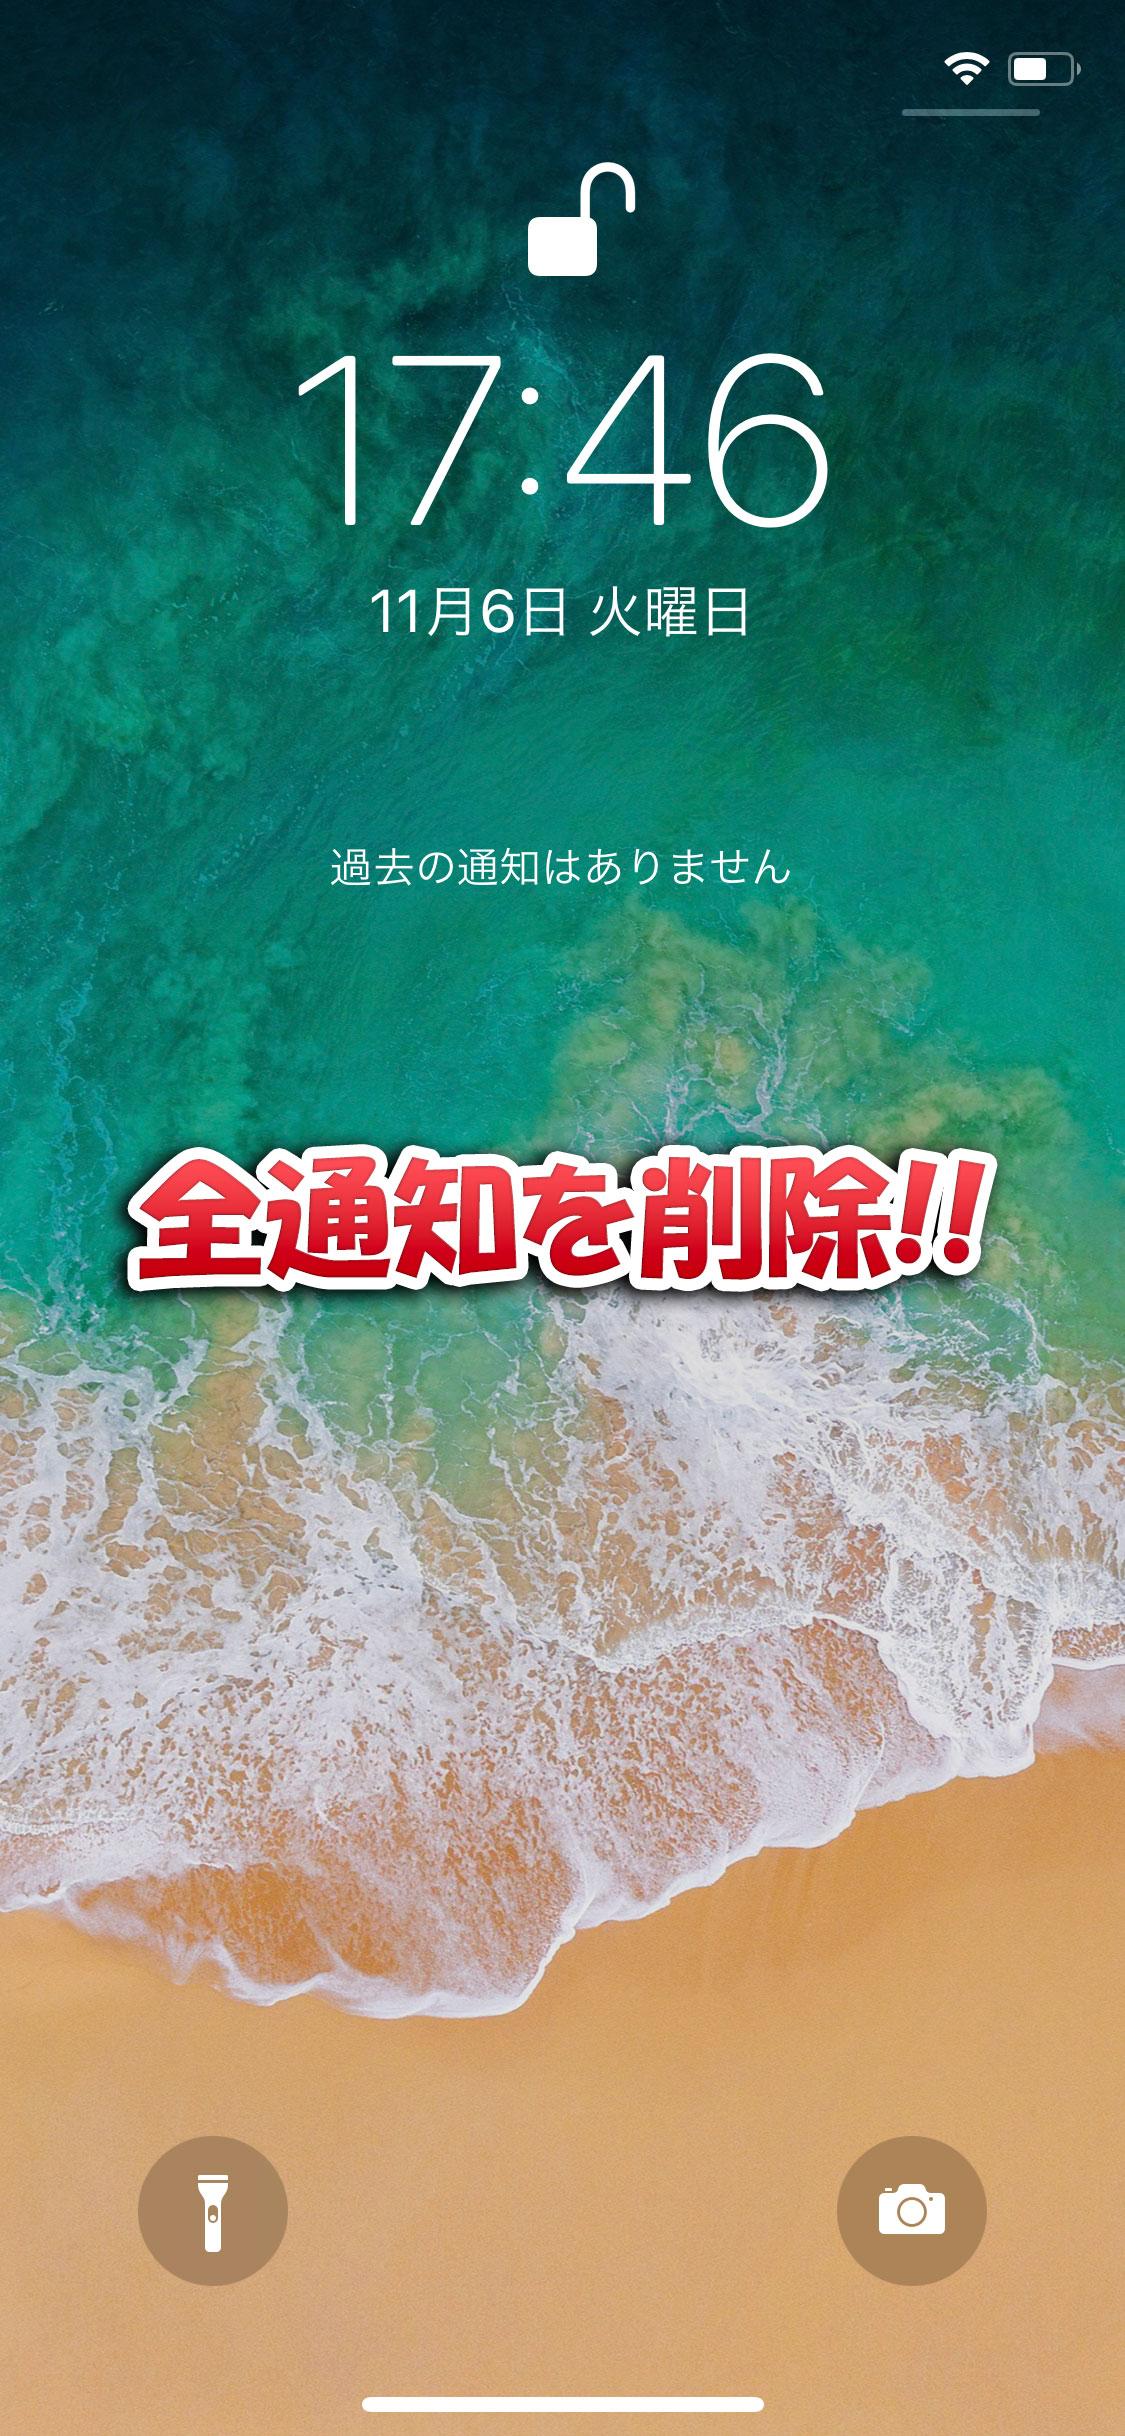 iOS 11 のアップデートについて - Apple サポート